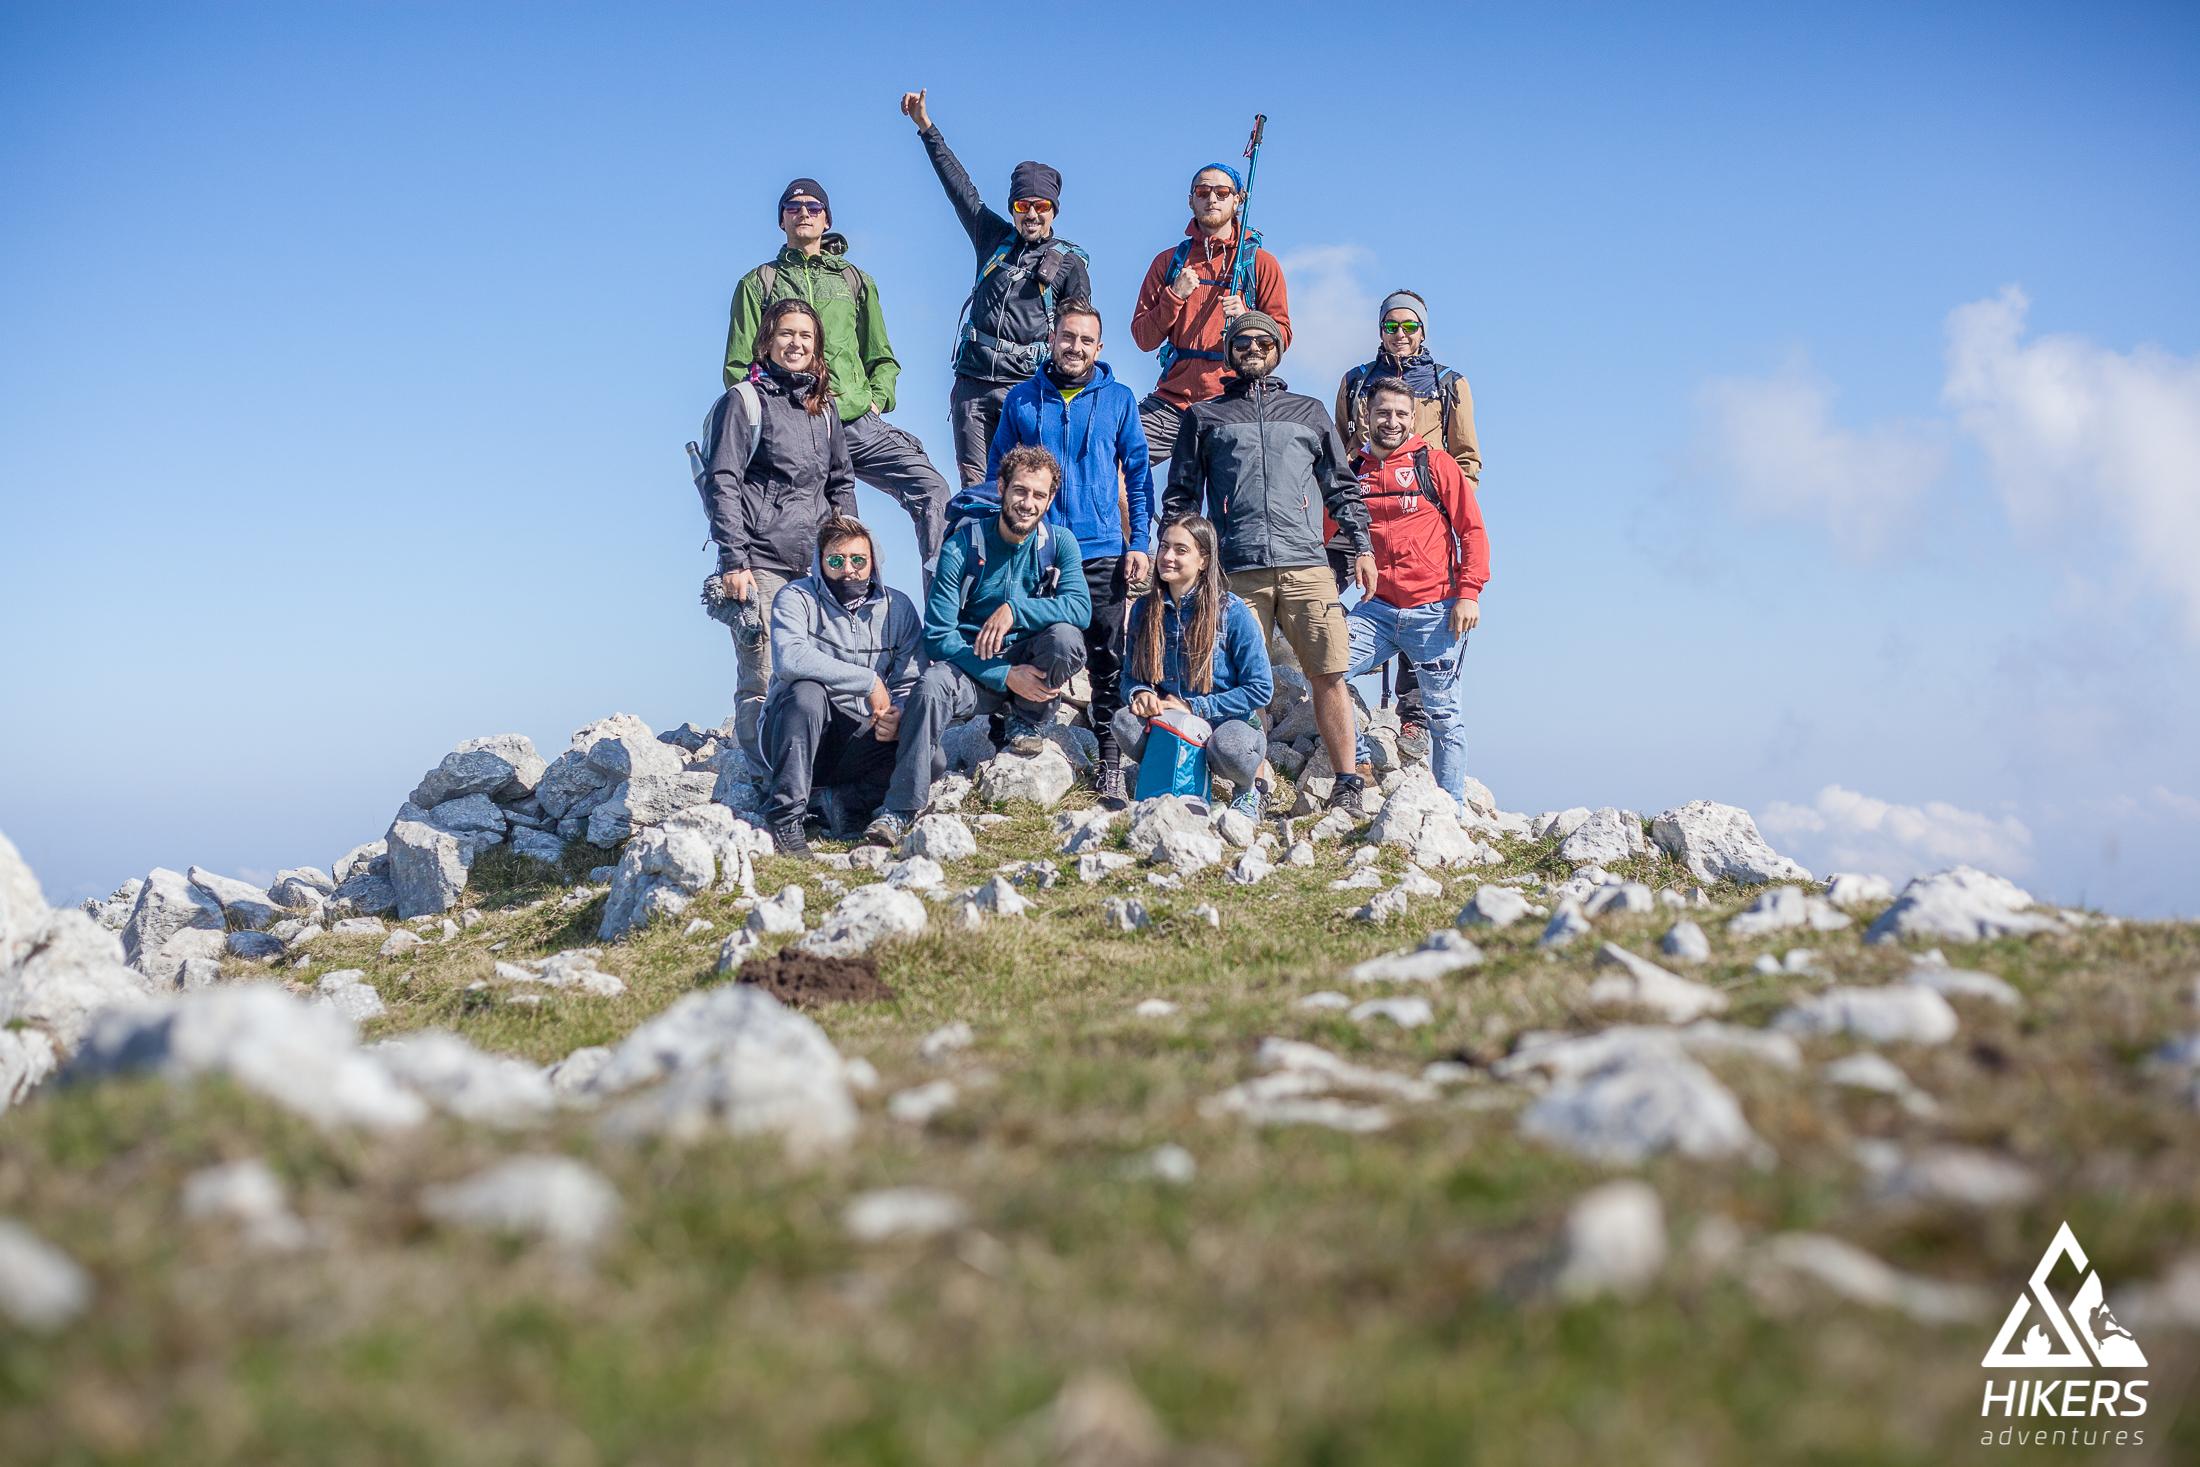 Hikers Adventures. Una storia semplice fatta di esperienze umane